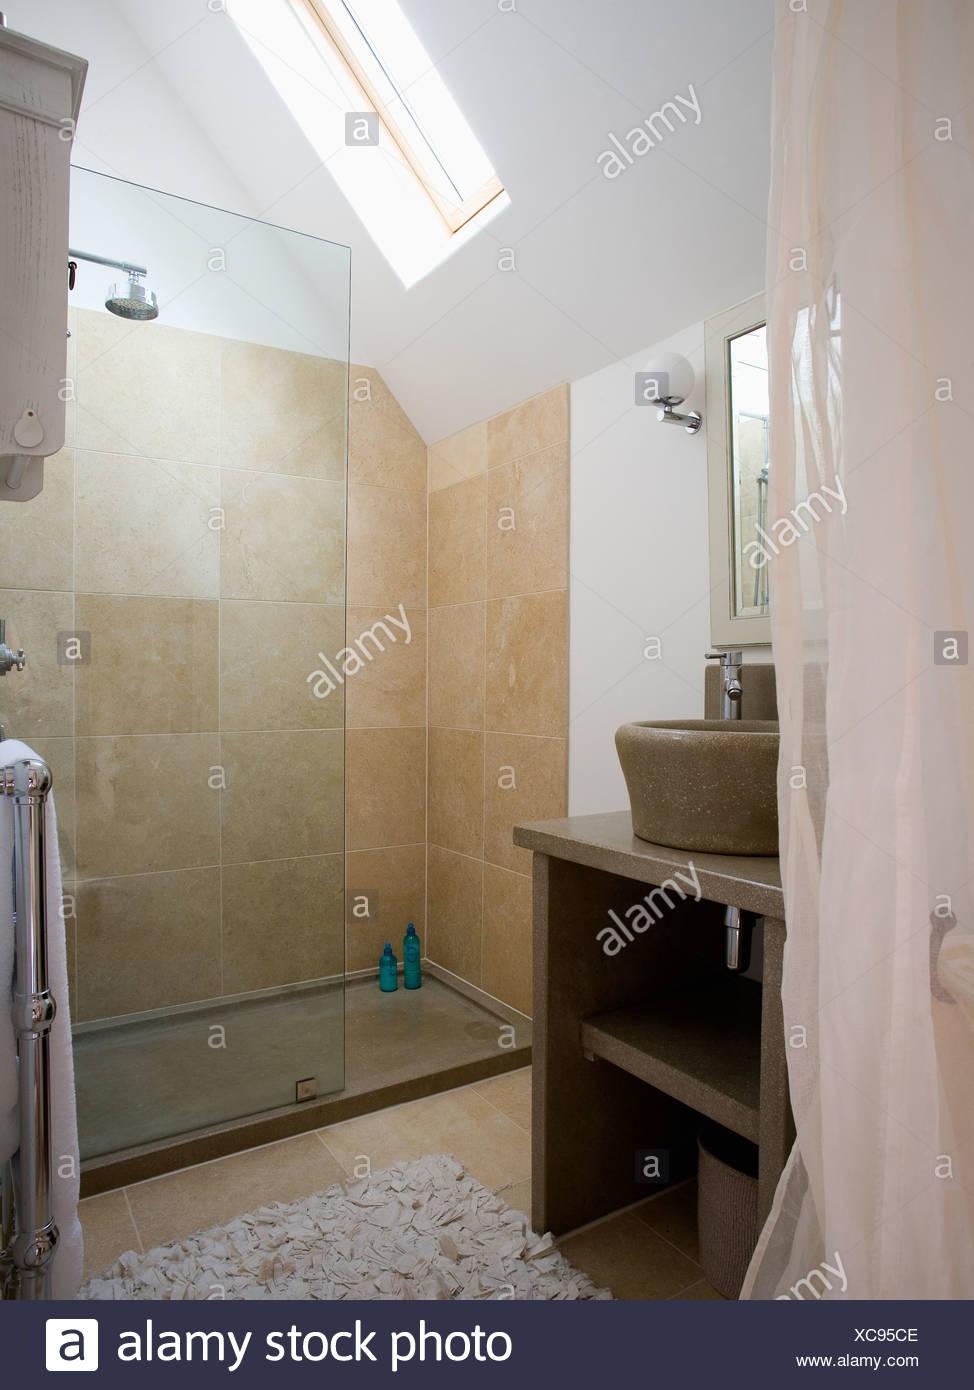 Glas Trennwand auf große begehbare Dusche mit Beige Fliesen in ...